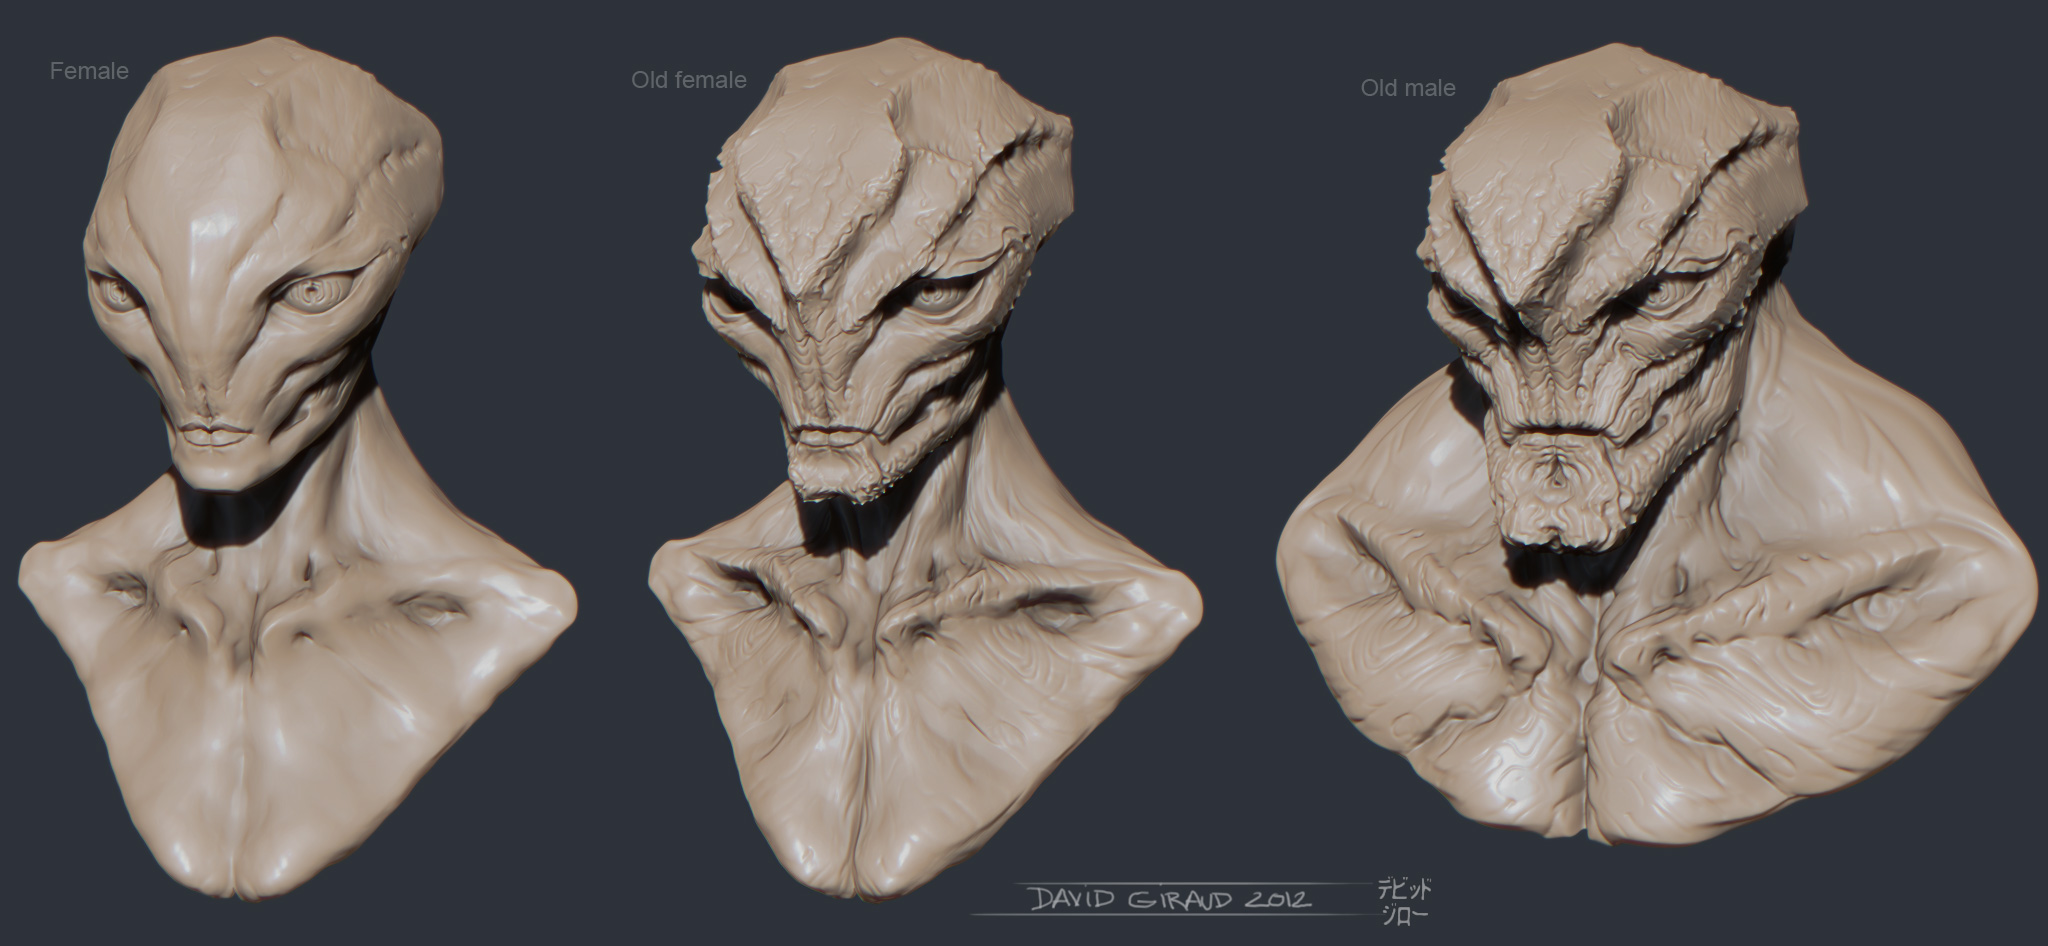 Alien genders by mojette